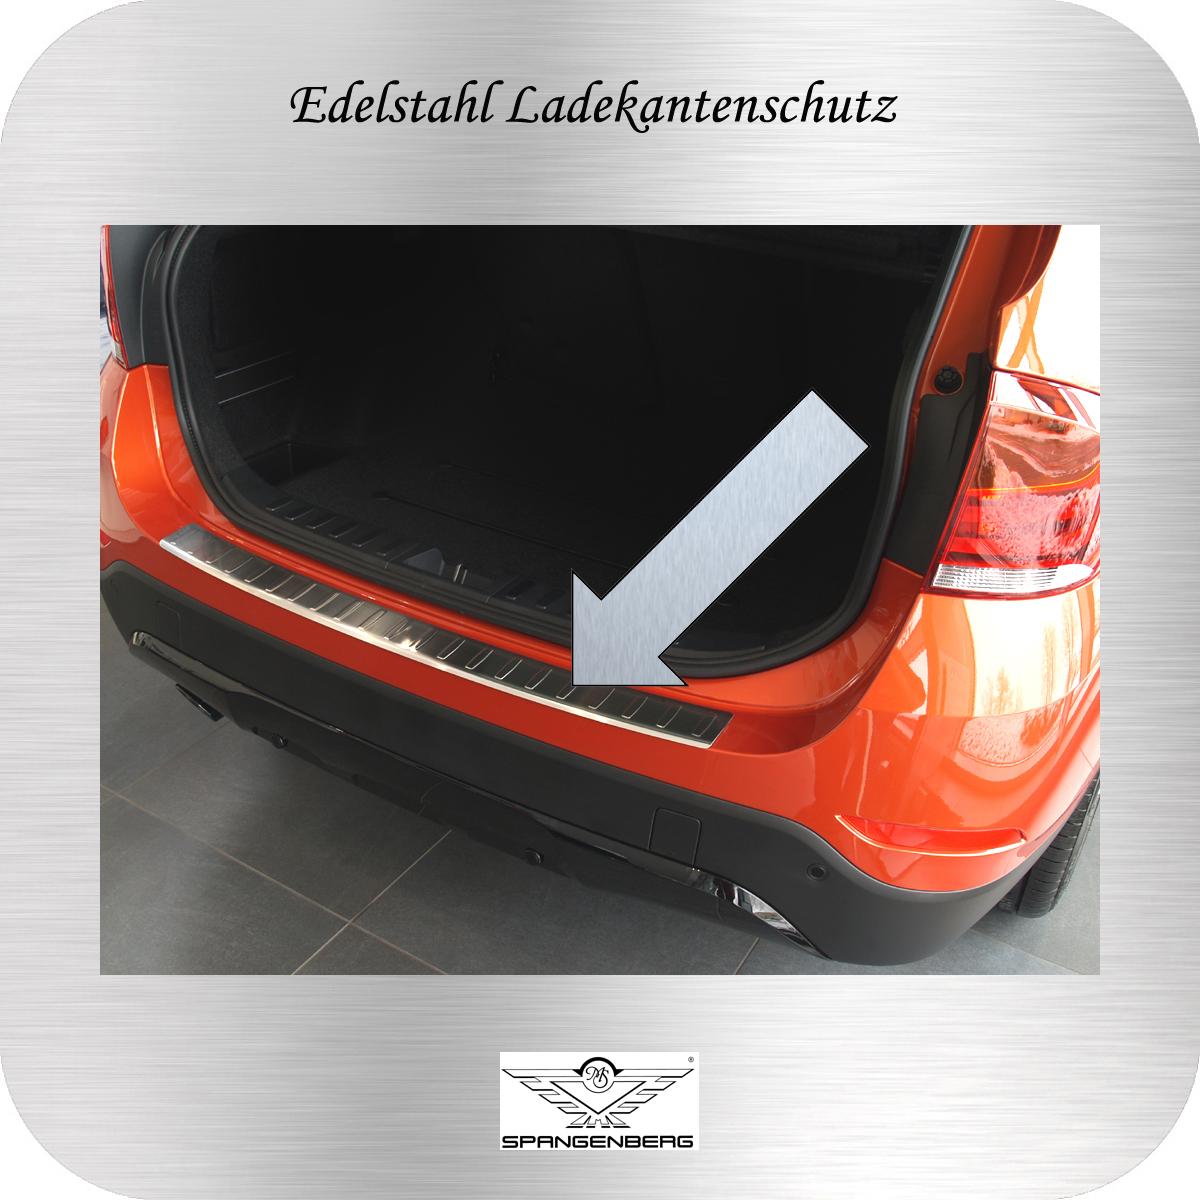 Ladekantenschutz Edelstahl BMW X1 E84 SUV Kombi vor FL 2009-2012 3235743